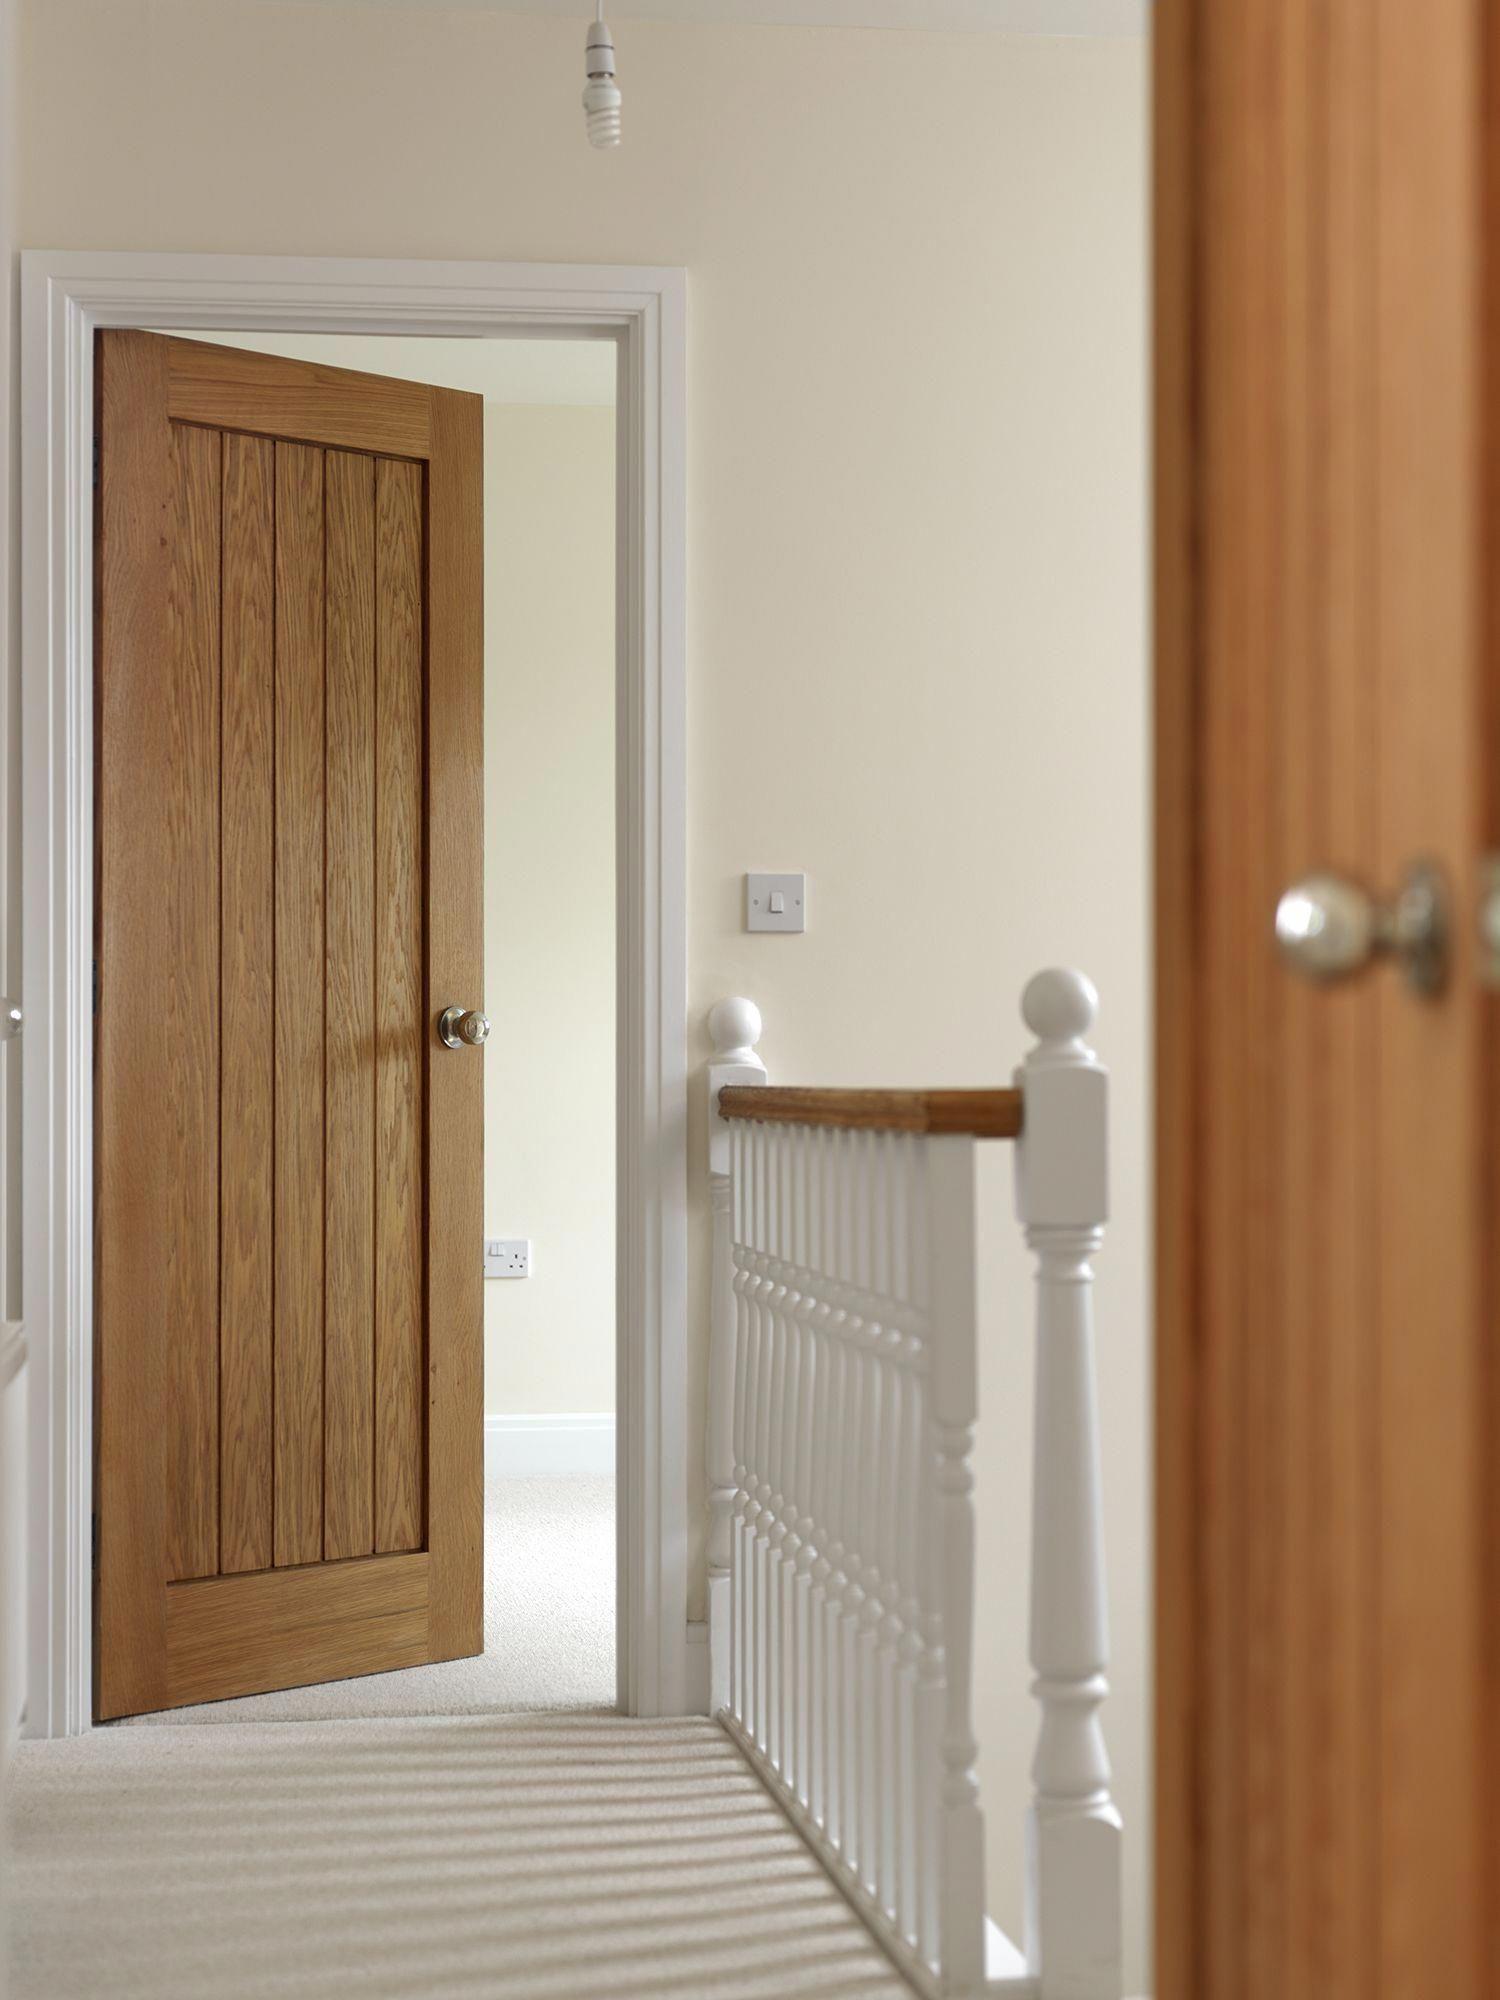 Glass Panel Doors | Pocket Door | Prehung Exterior Door